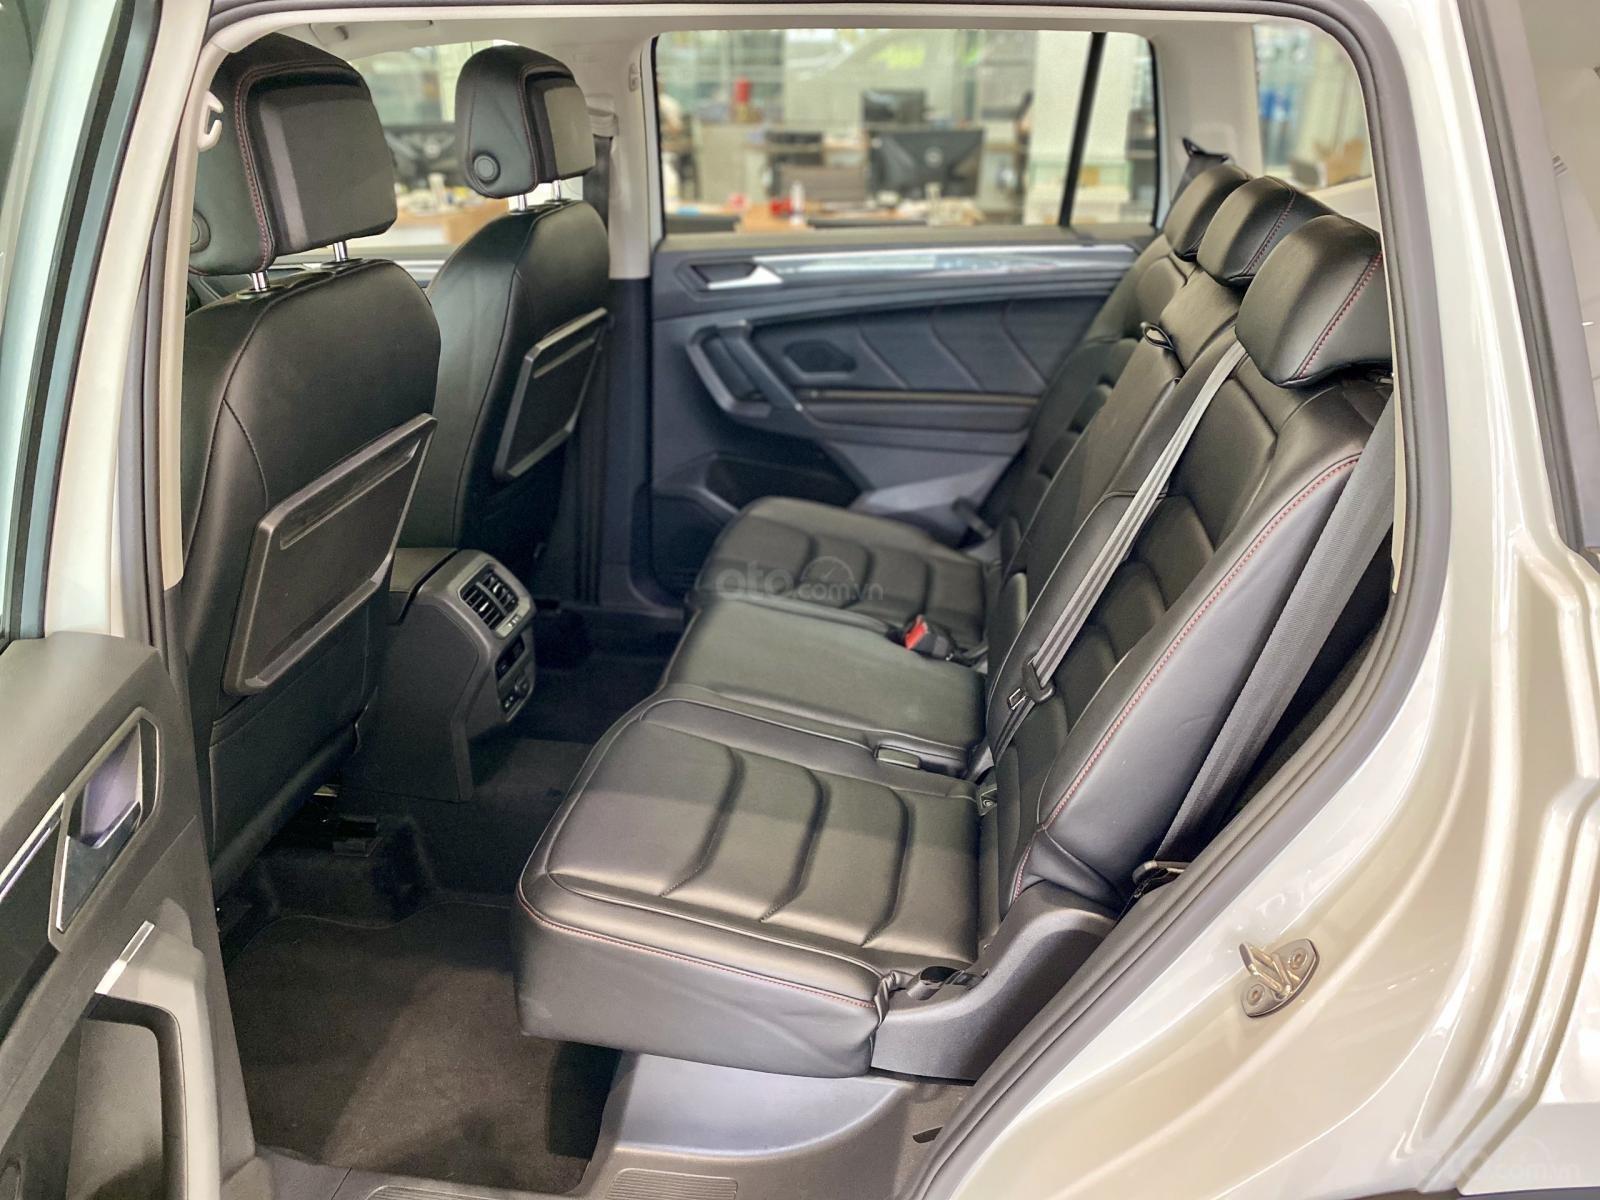 Volkswagen Sài Gòn Tiguan Luxury màu trắng - Giá tốt cho tháng ngâu - 6 màu giao ngay (trắng, đen, đỏ,.. ) - Hỗ trợ vay 80% (9)